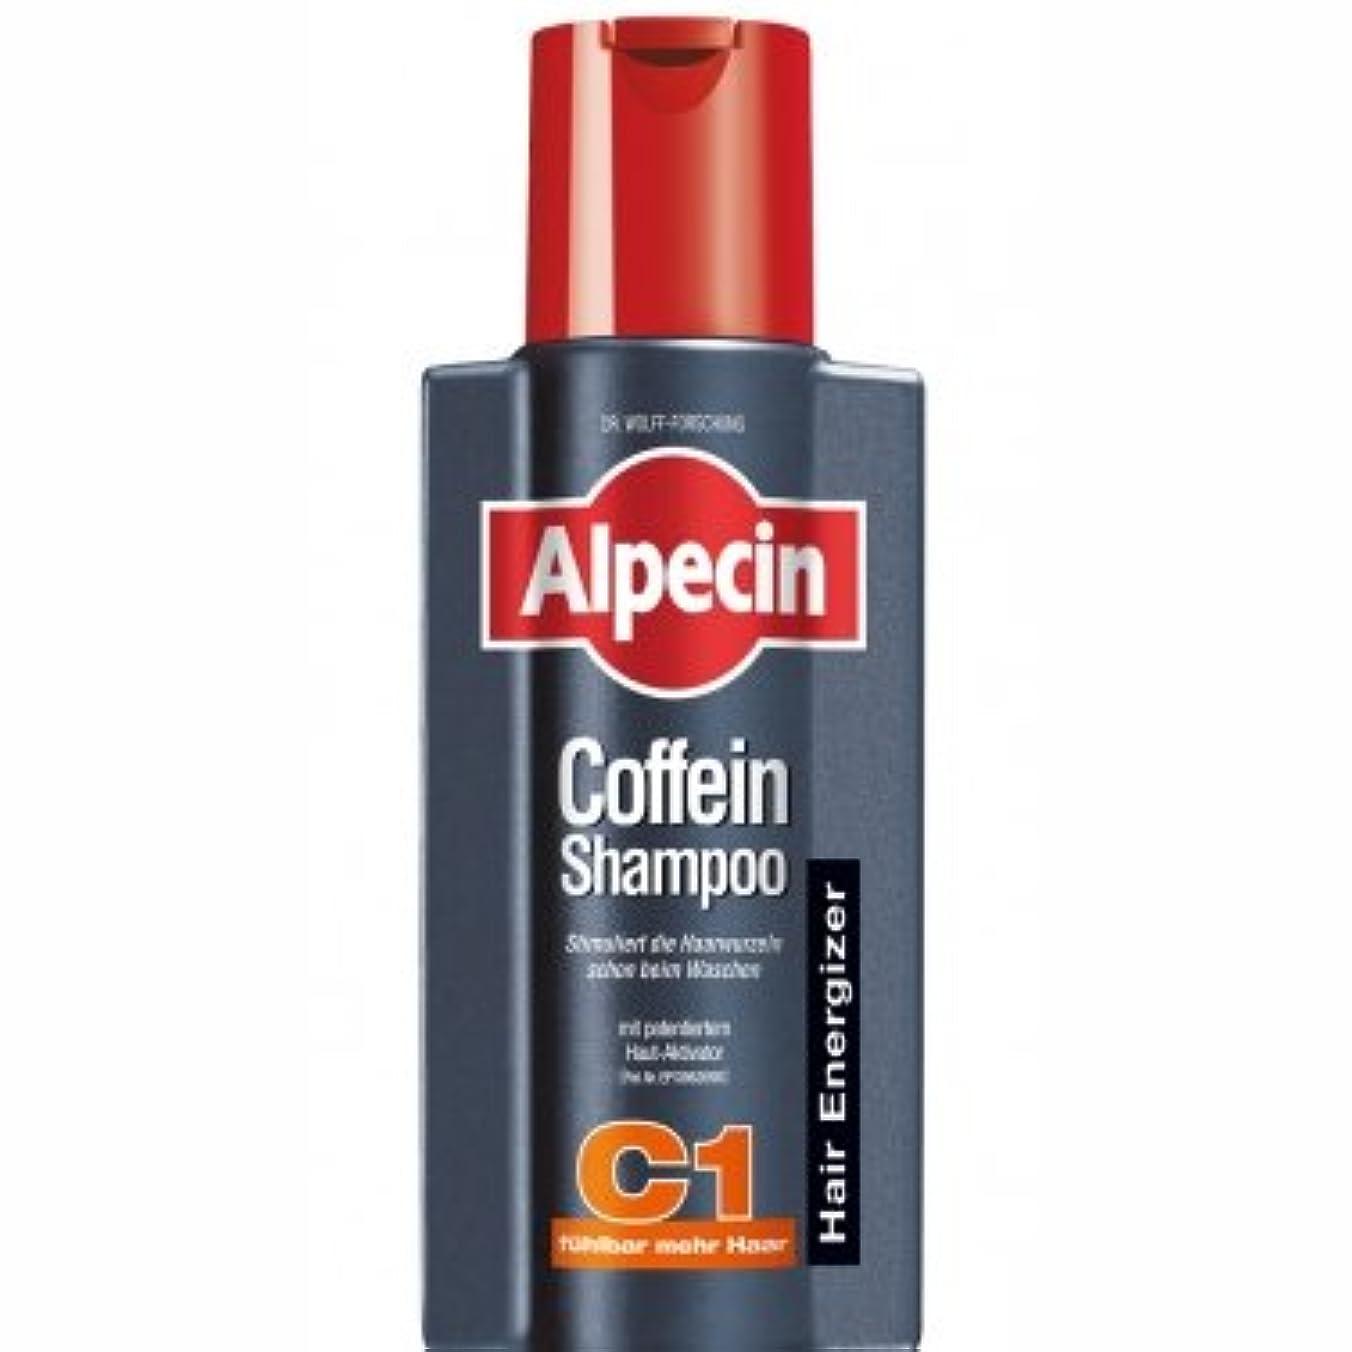 ガウン時折襲撃ALPECIN オーガニックシャンプー カフェインシャンプーC1 250ml【並行輸入品】